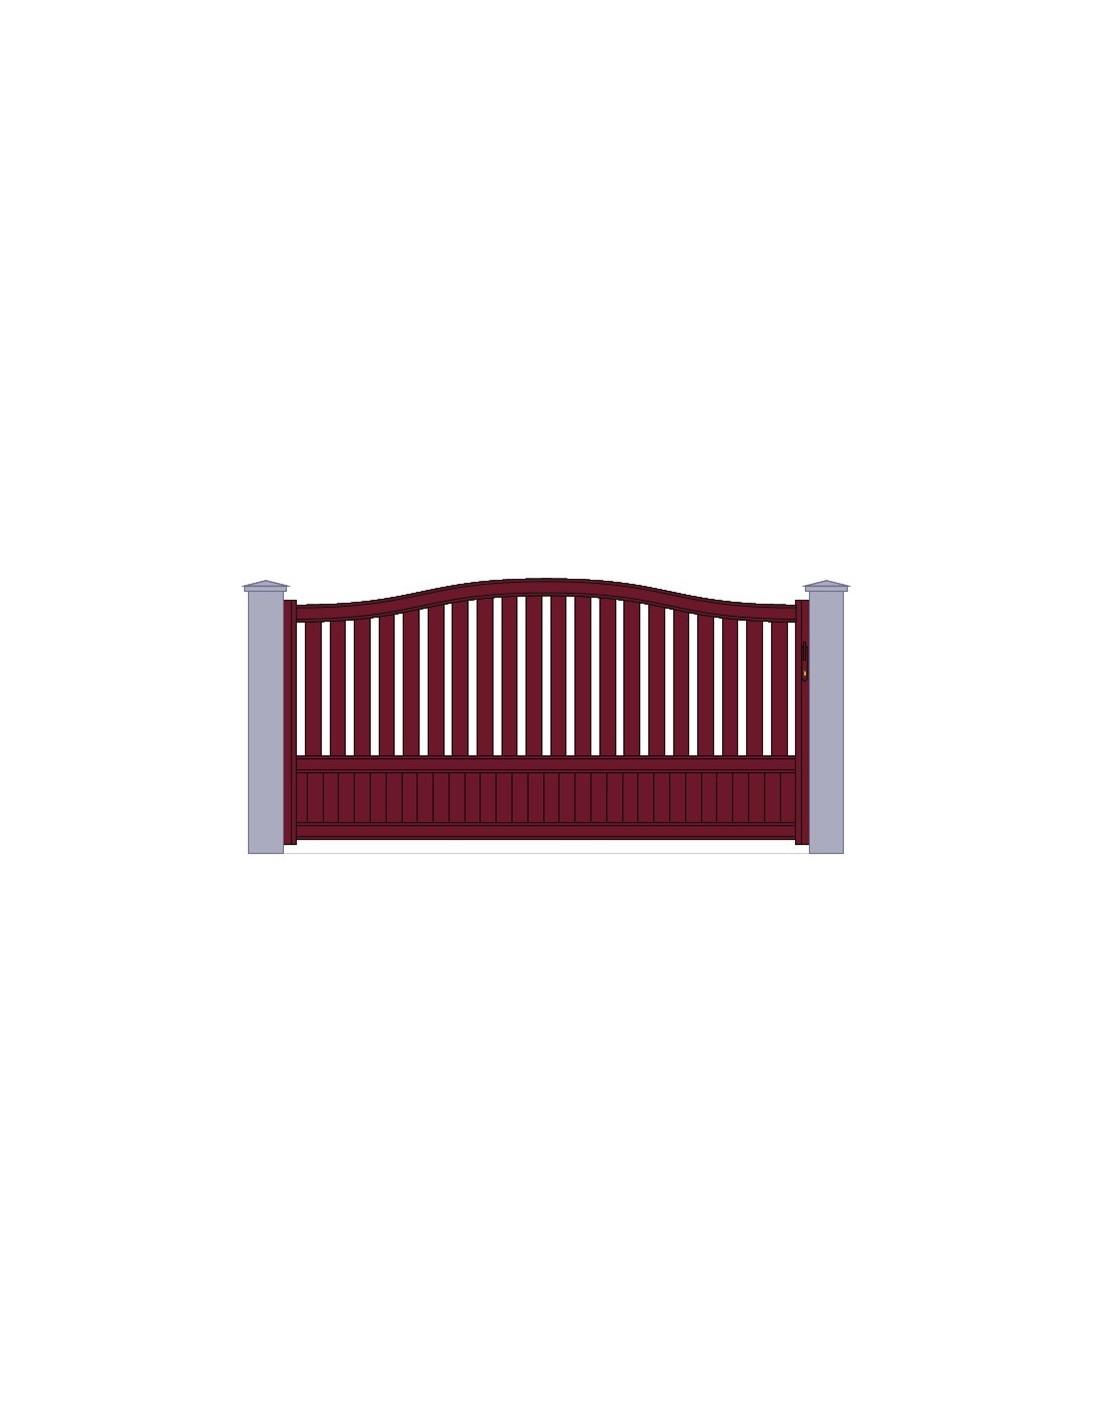 Portail Aluminiun Rouge Standard Coulissant Chapeau De Gendarme Largeur X